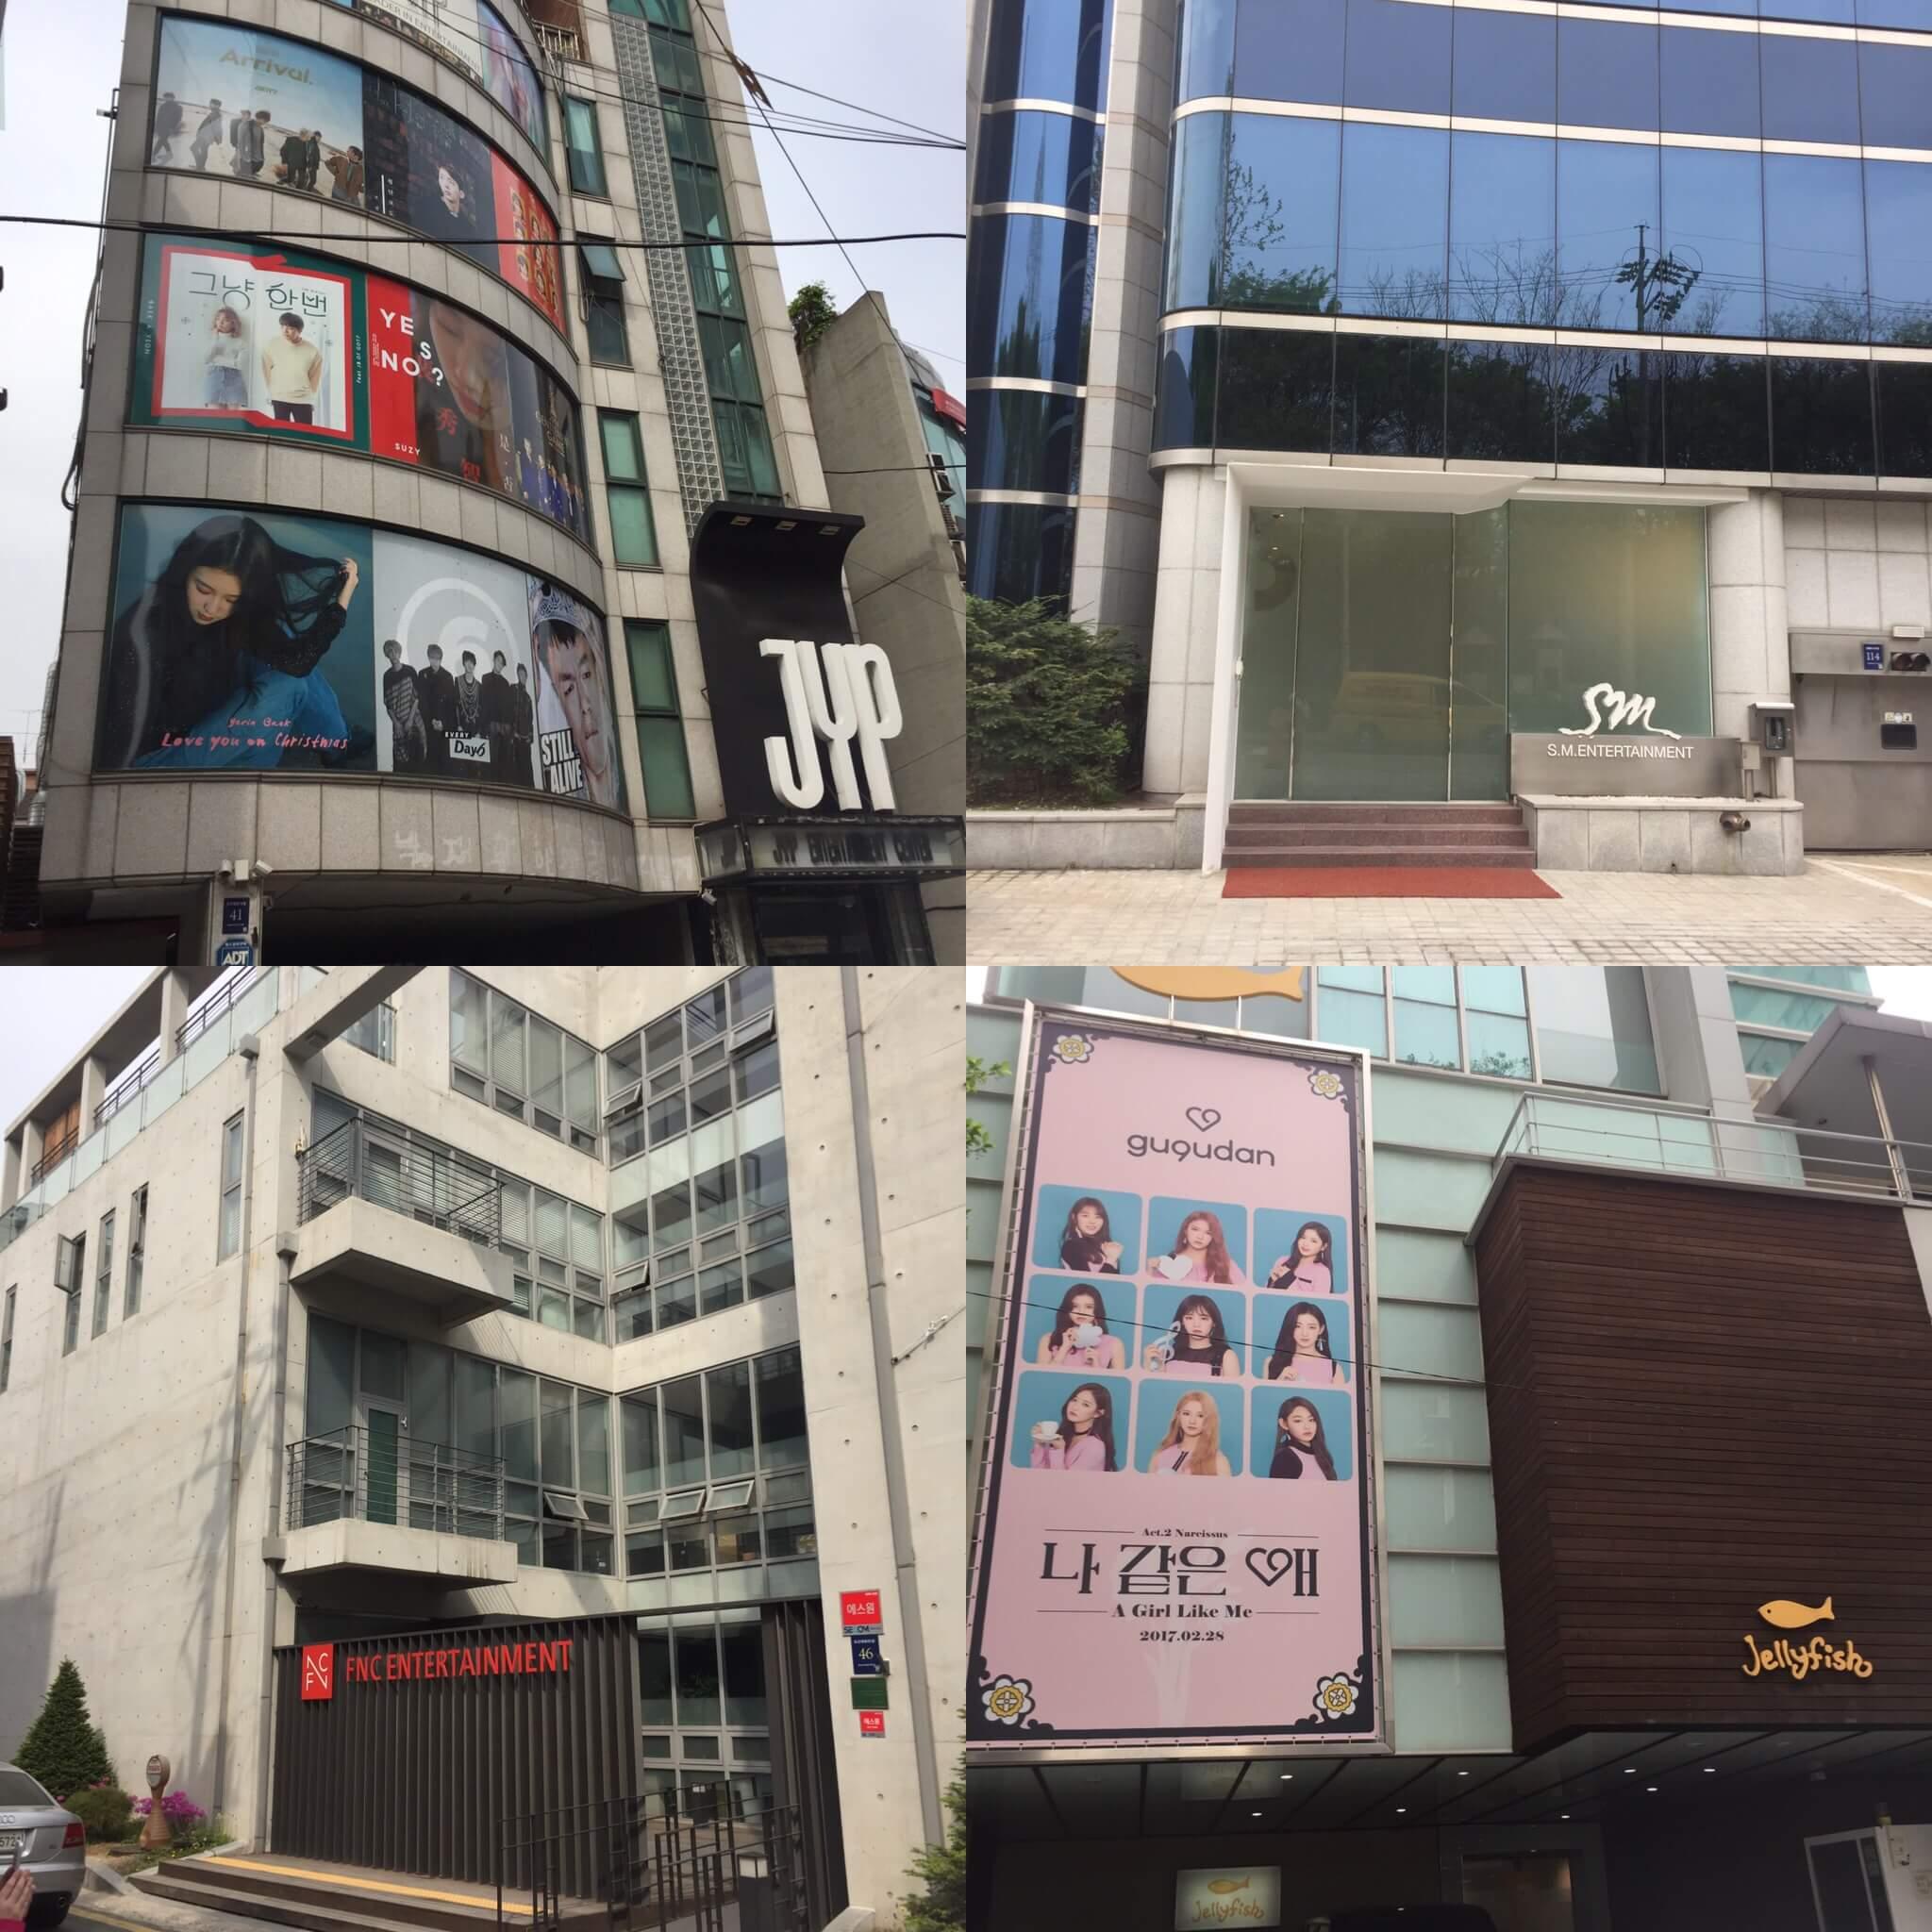 【タビナカ】K-POPアイドルに会えるかも?!KPOPスターロード☆4大芸能事務所見学ツアーをしてきました^^